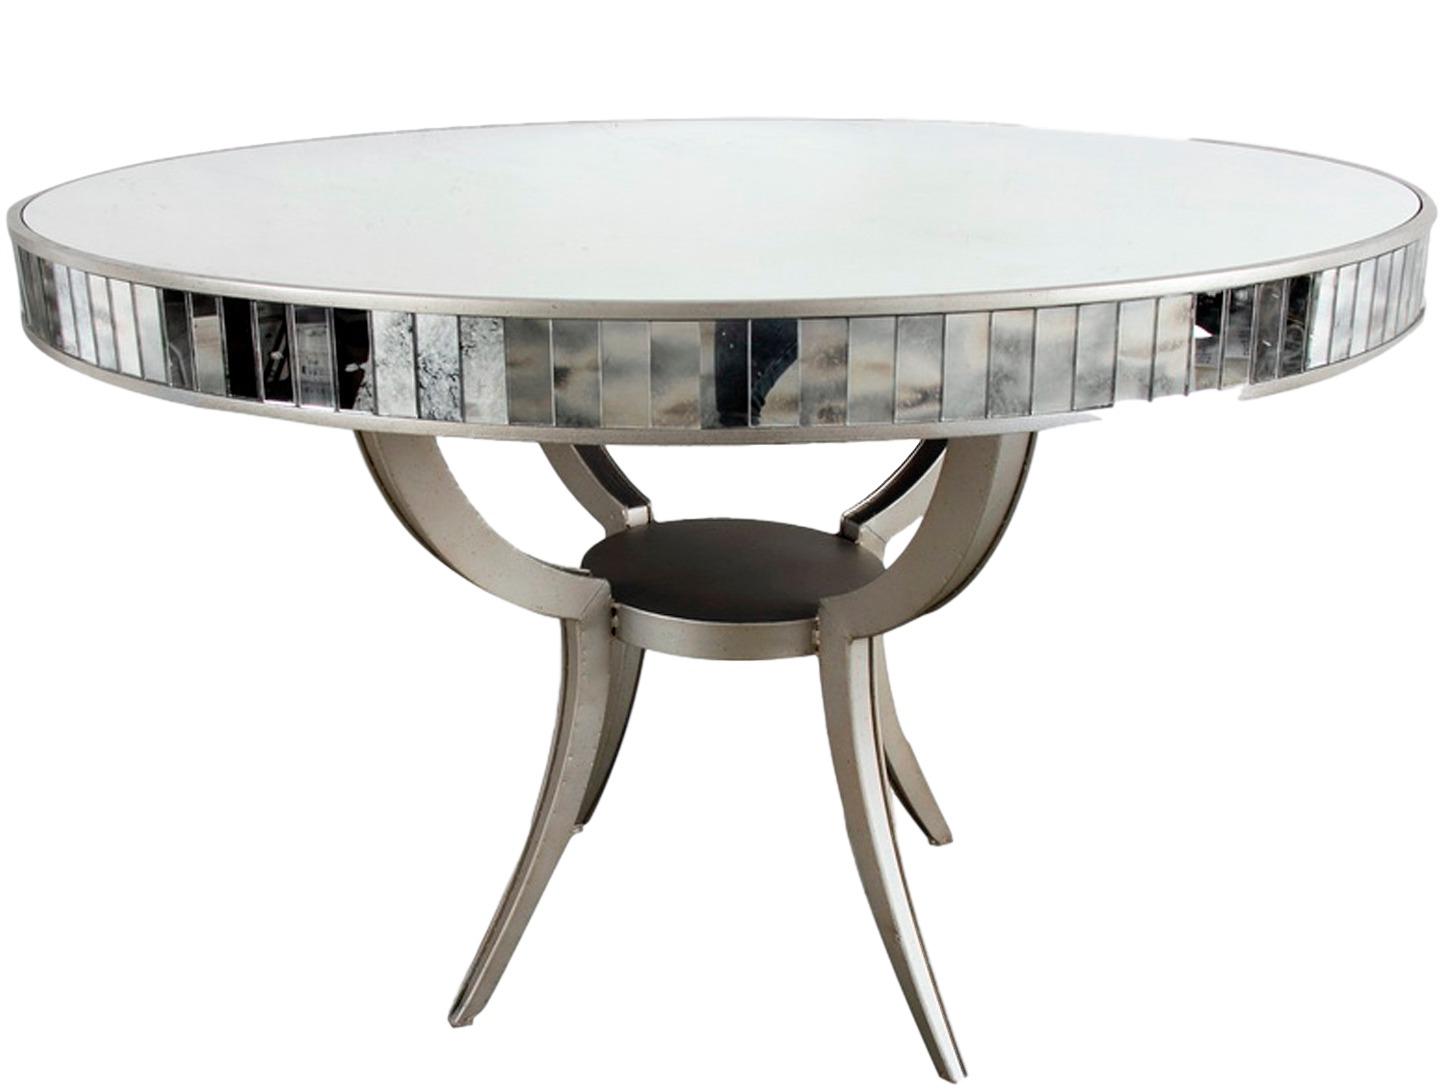 Стол обеденныйОбеденные столы<br>Стол обеденный круглый на металлическом основании, столешница из зеркала, декорирована зеркальными вставками.<br><br>Material: Стекло<br>Width см: None<br>Depth см: None<br>Height см: 82<br>Diameter см: 122